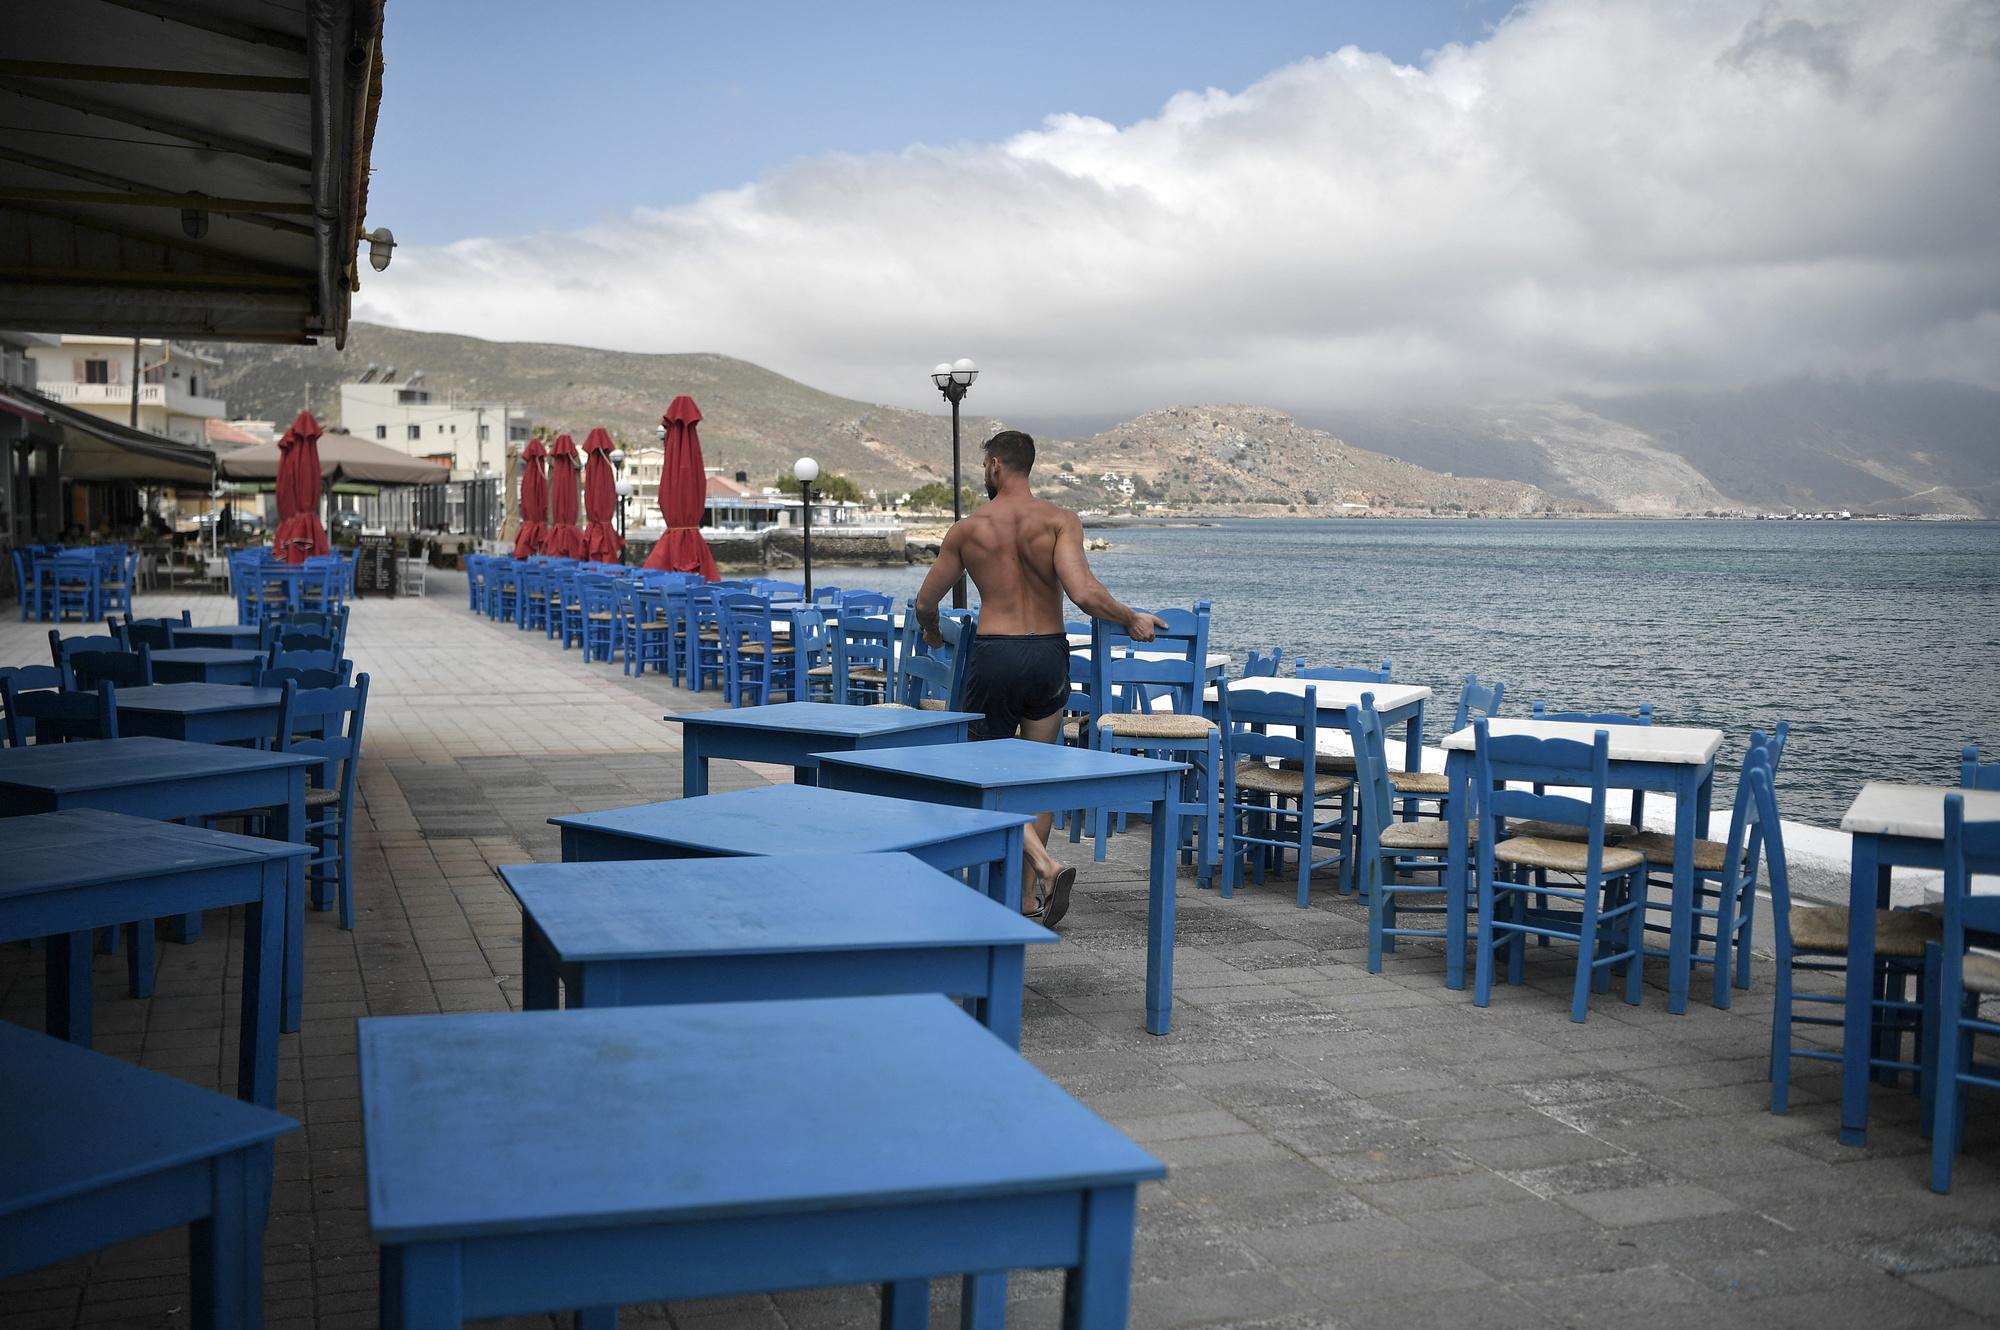 Alexandros Koukourakis, prépare la terrasse de sa taverne, à Kissamos, AFP